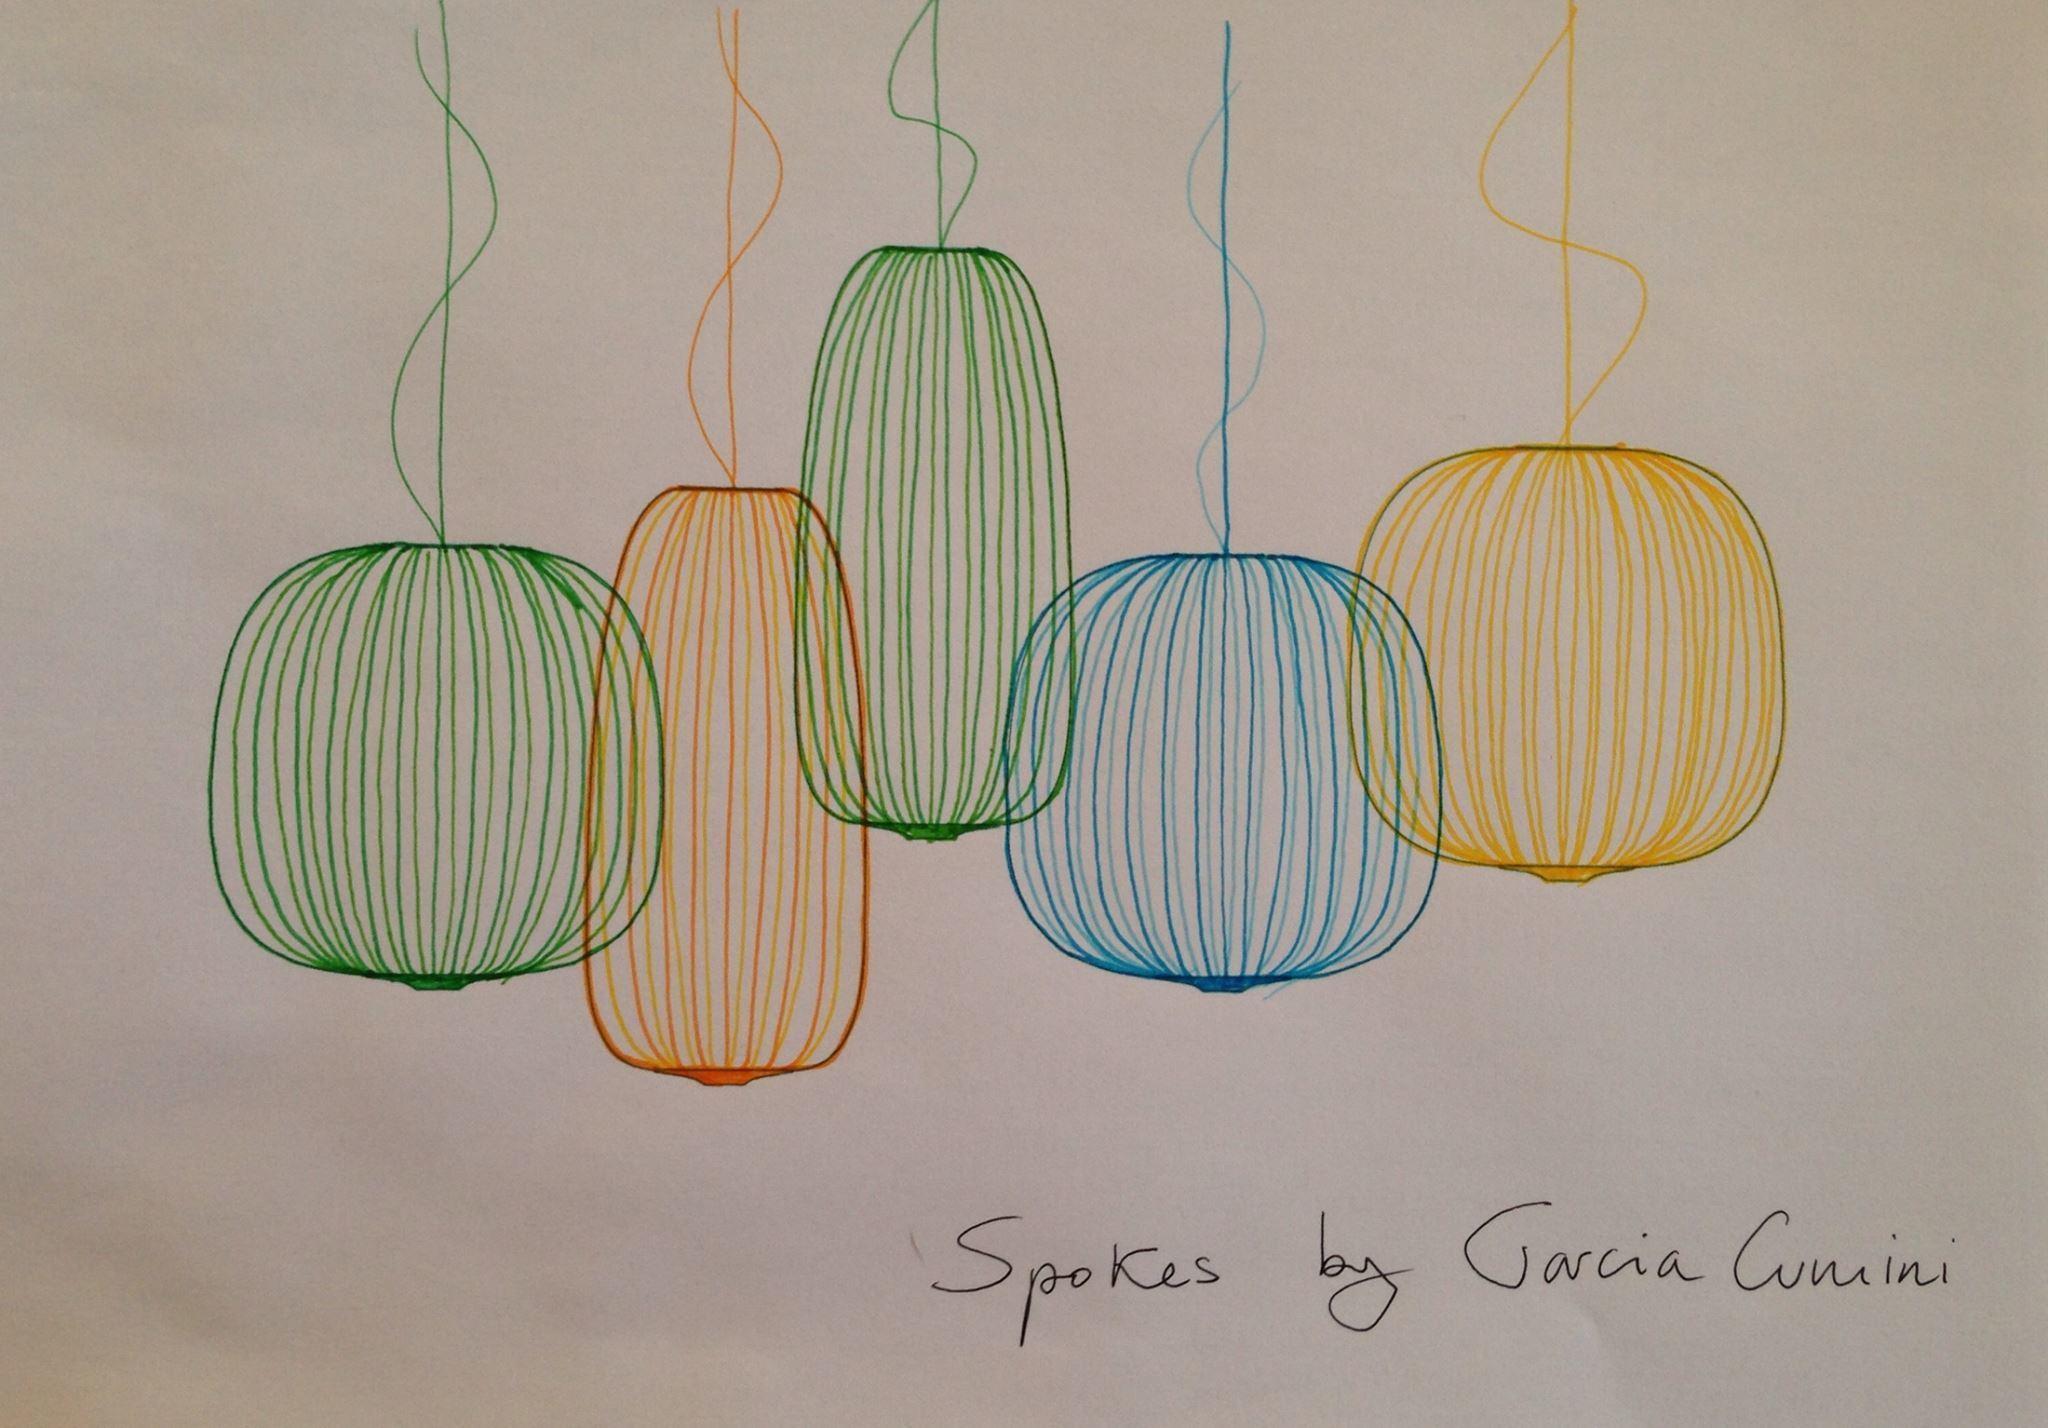 Подвесной светильник копия Spokes 2 by Foscarini (белый)